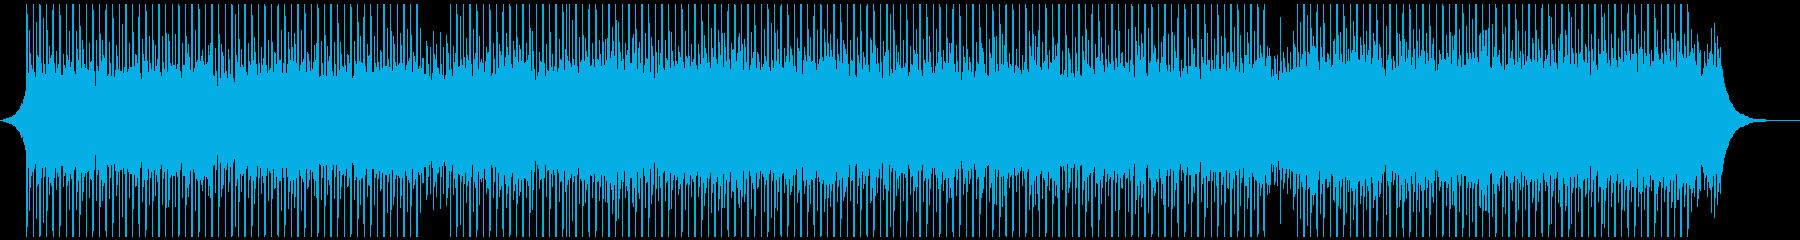 作業の再生済みの波形